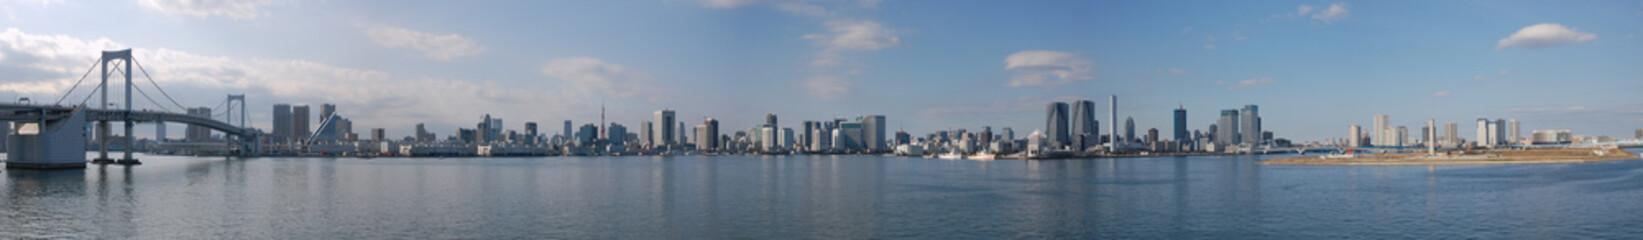 東京湾パノラマ